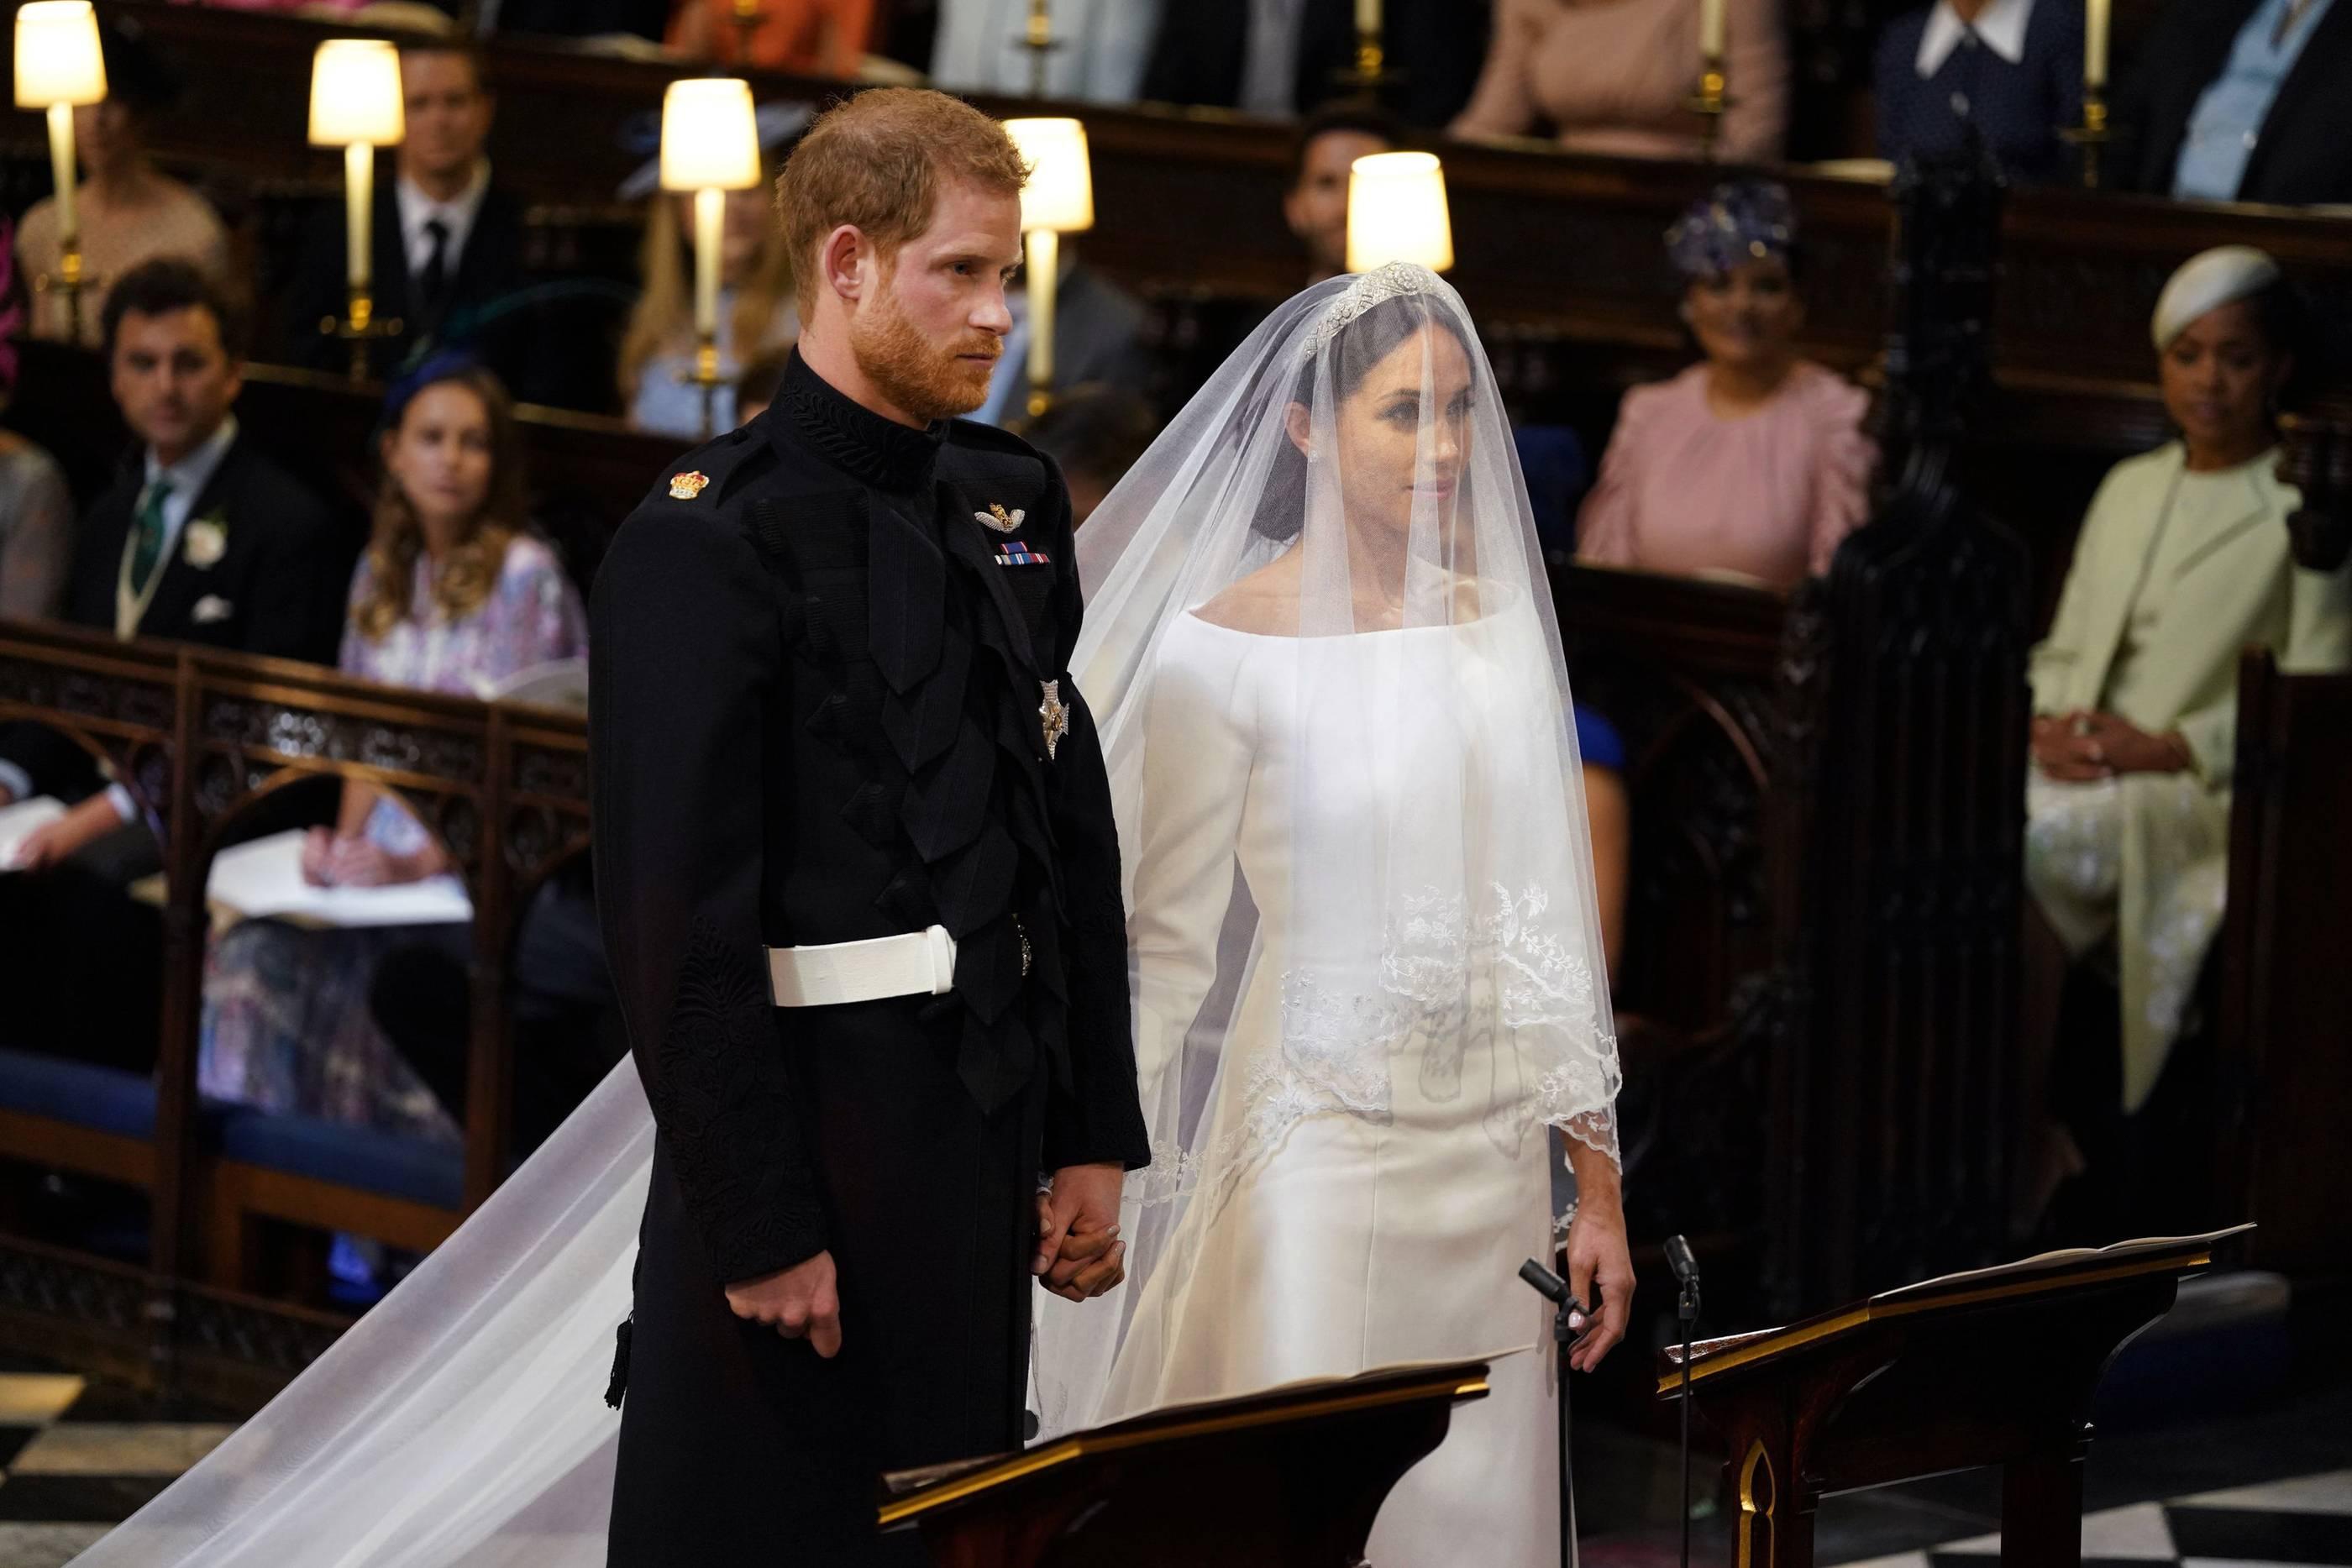 Markle Das Sieht Hochzeitskleid So Meghan Von Aus kiXPZu